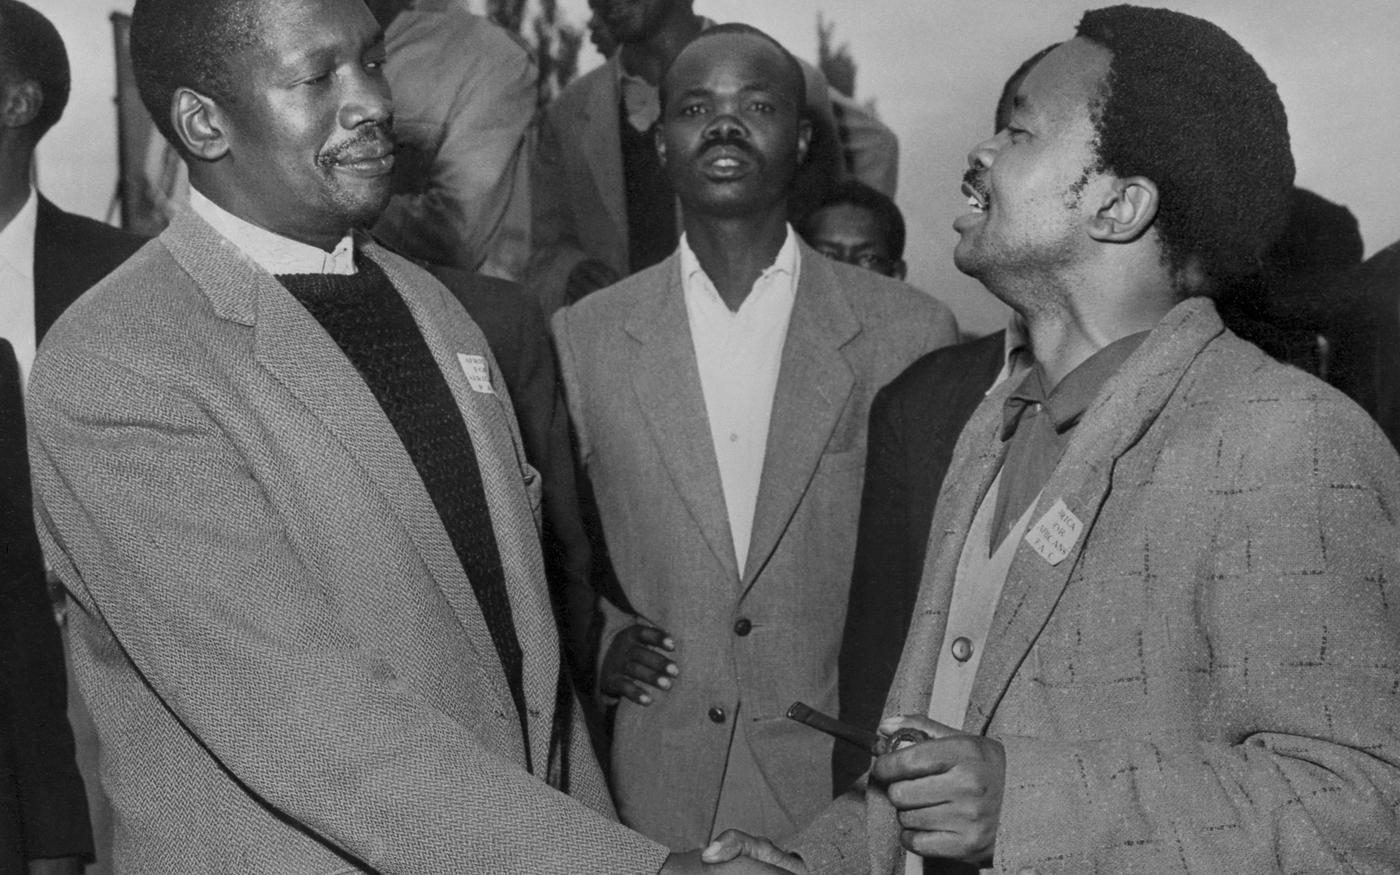 Photo non datée du fondateur du Congrès panafricaniste sud-africain Robert Sobukwe (G) avec Potlako Leballo (D), membre du PAC. Le Congrès panafricaniste (PAC) est un mouvement de libération sud-afric